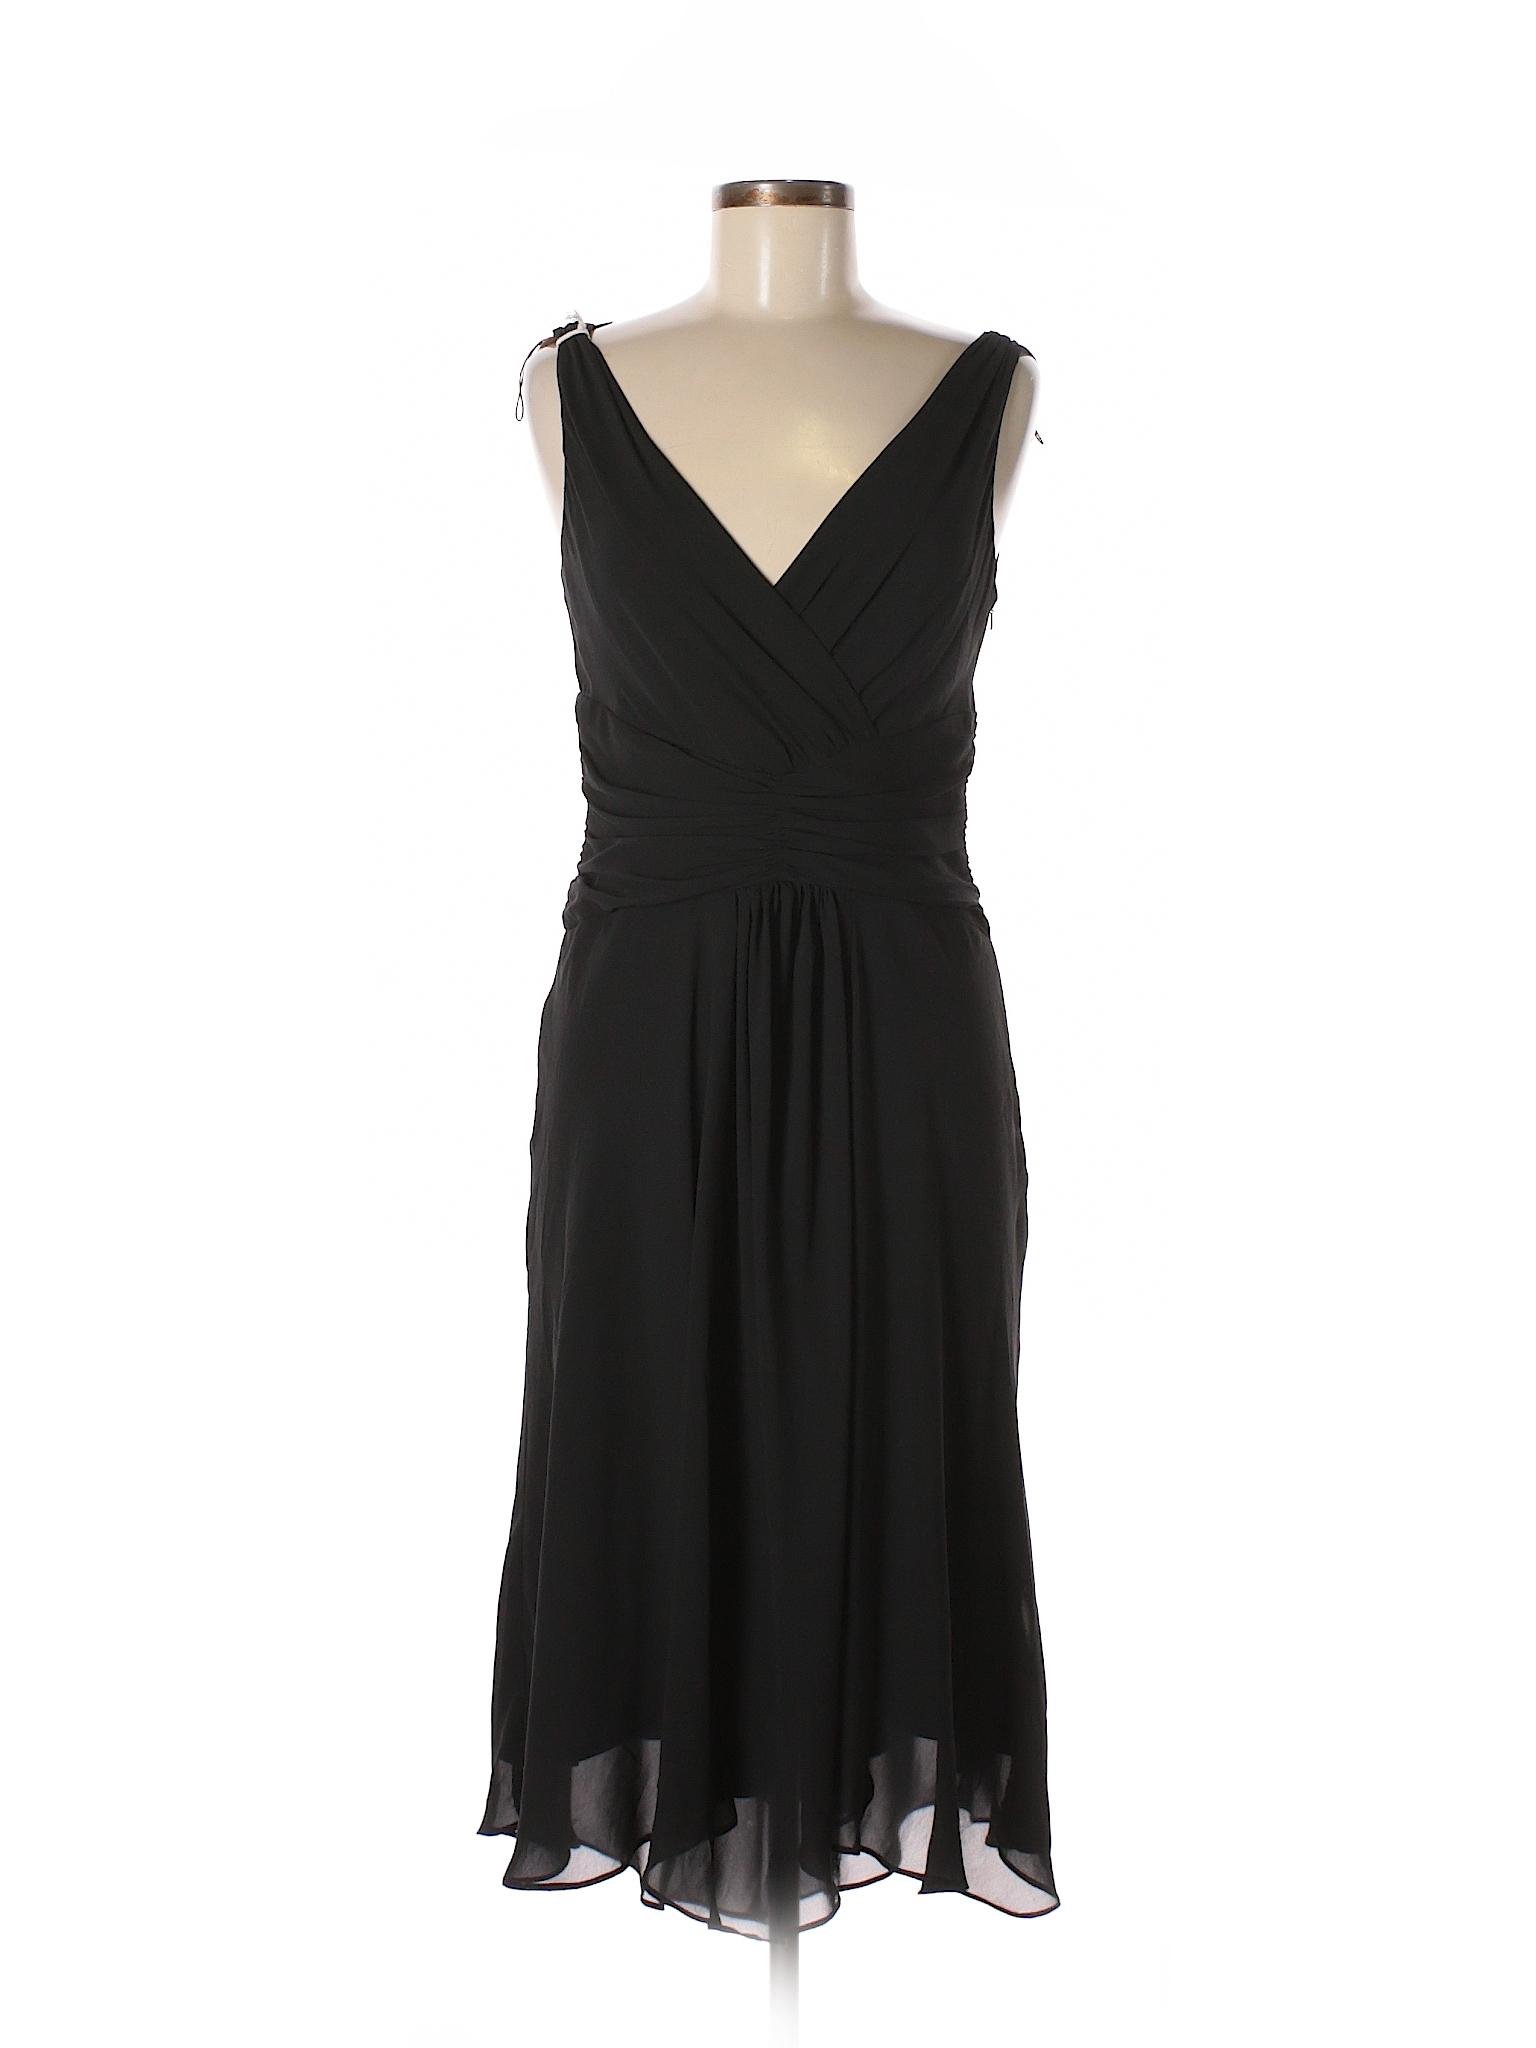 Times Selling London London Times Dress London Times Selling Casual Casual Selling Dress Dress Casual XxCwnSfBq